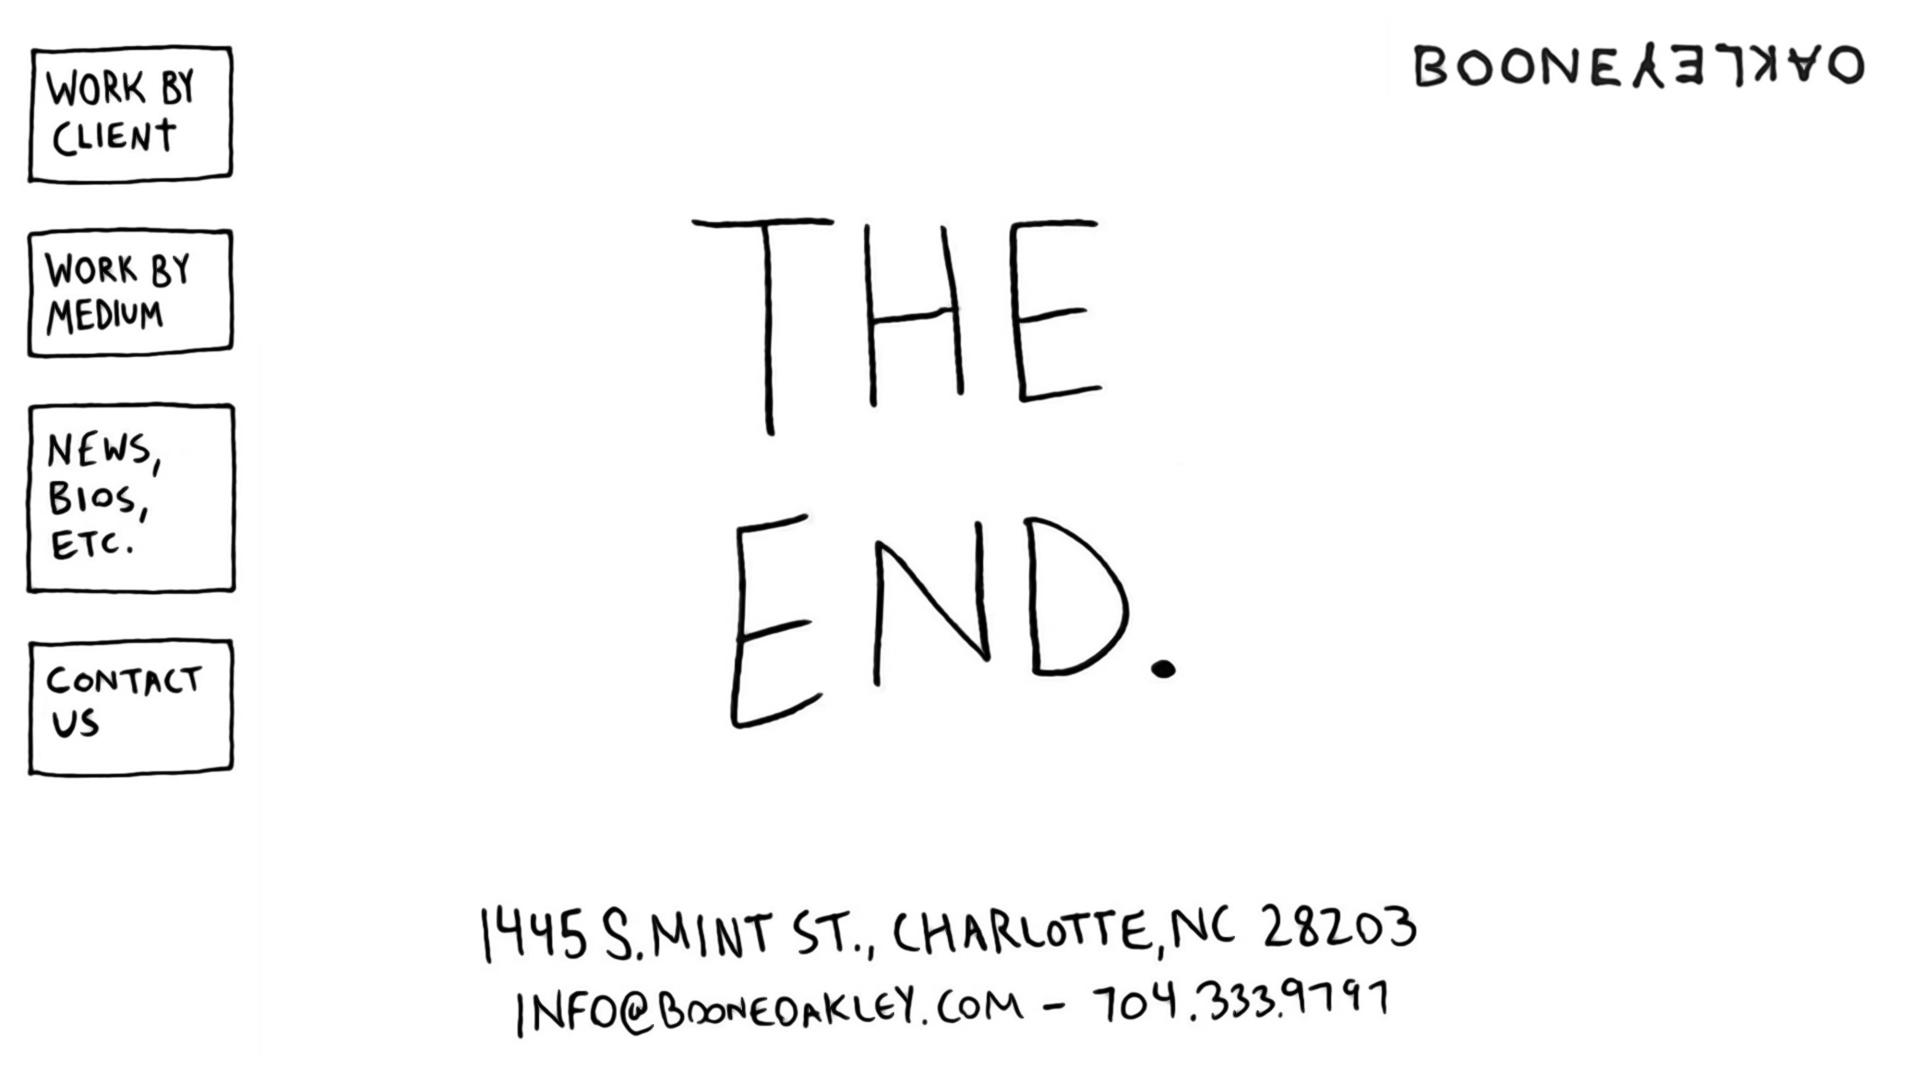 Agency: BooneOakley | Creative Director: David Oakley | Creative Director: John Boone | Copywriter: Jim Robbins